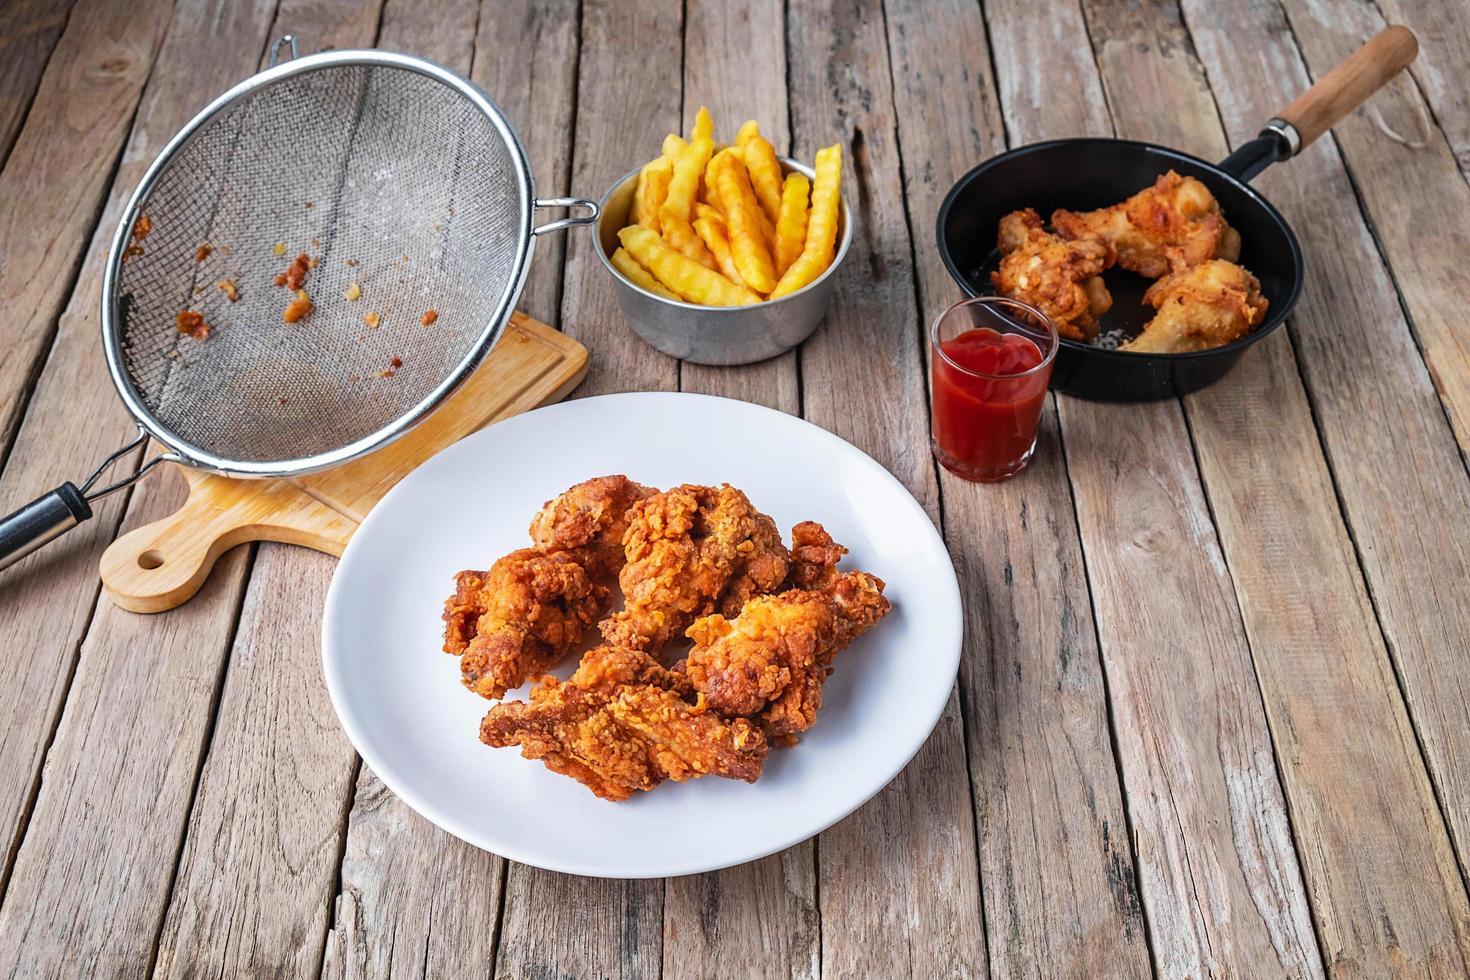 poulet frit sur une table en bois photo